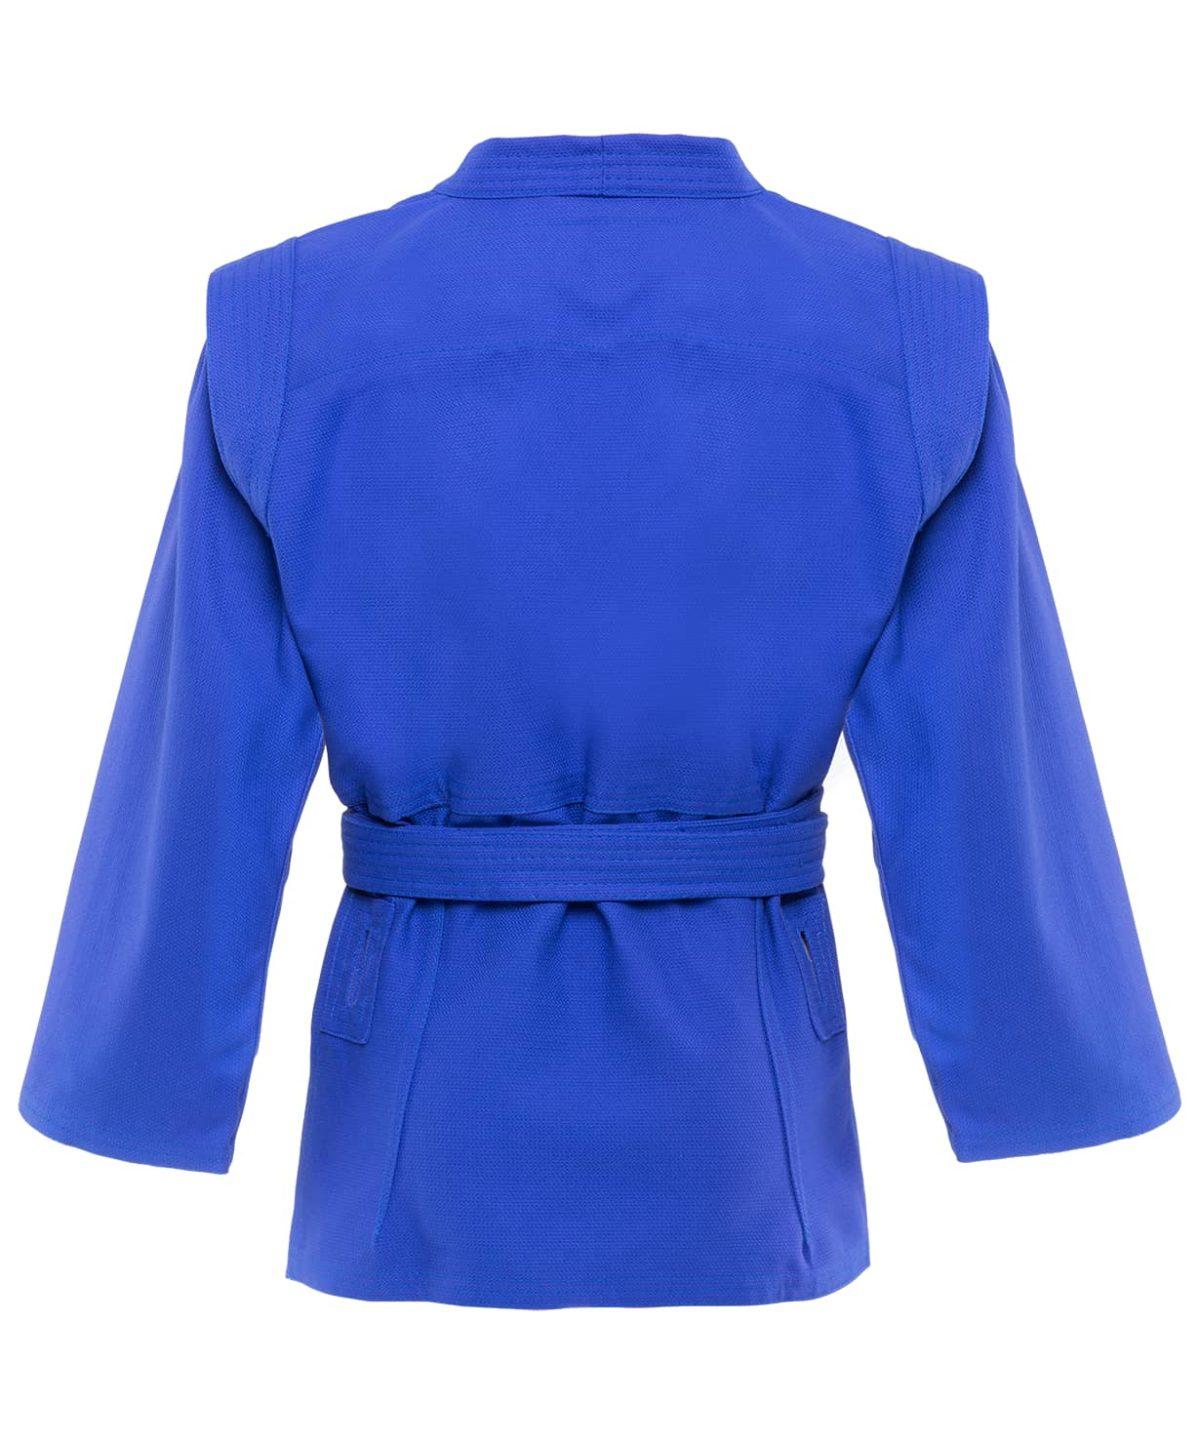 GREEN HILL Куртка для самбо 0/130  JS-302: синий - 2